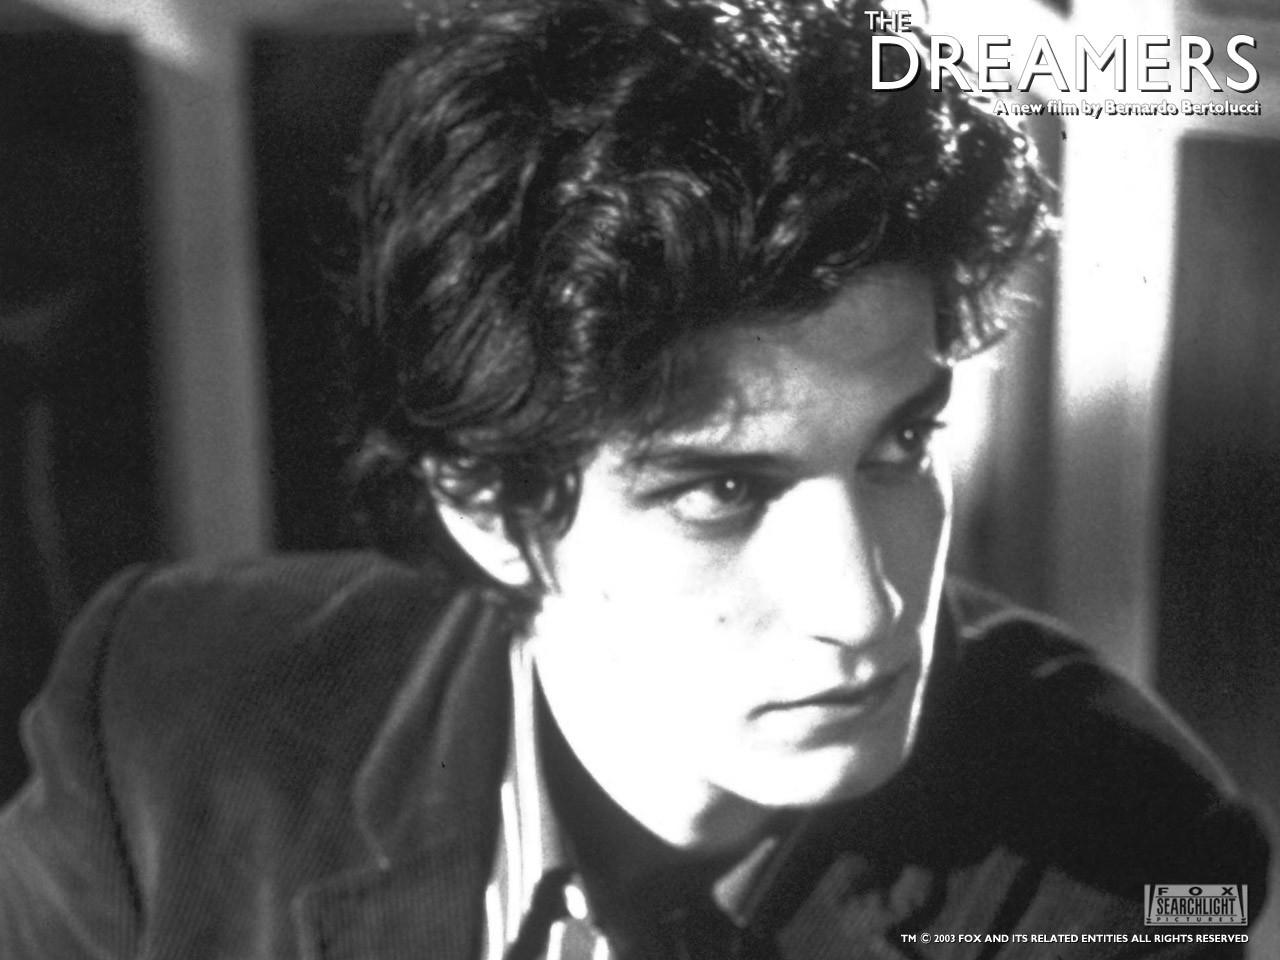 Louis Garrel in un wallpaper del film The dreamers - I sognatori